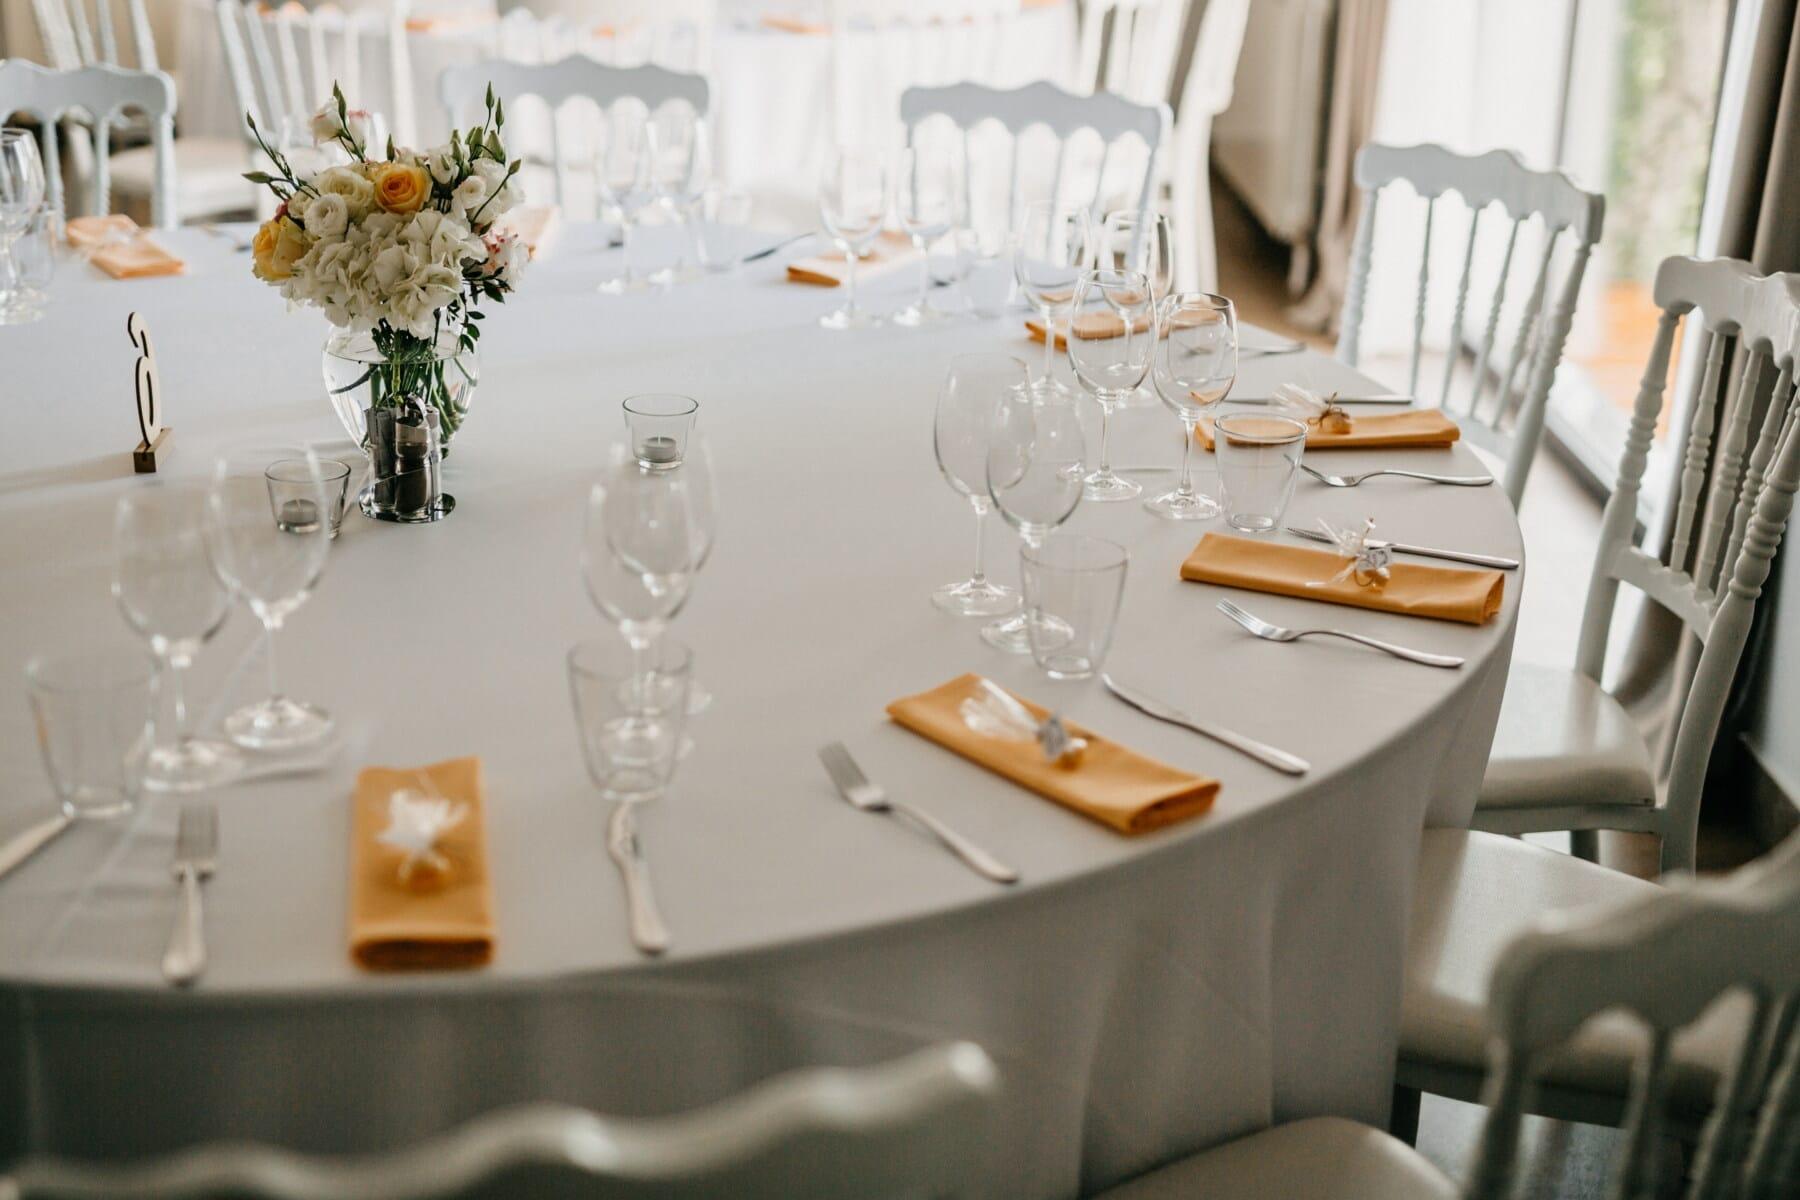 à l'intérieur, vaisselle, argenterie, coutellerie, mariage, table, à manger, Design d'intérieur, couverts de table, luxe